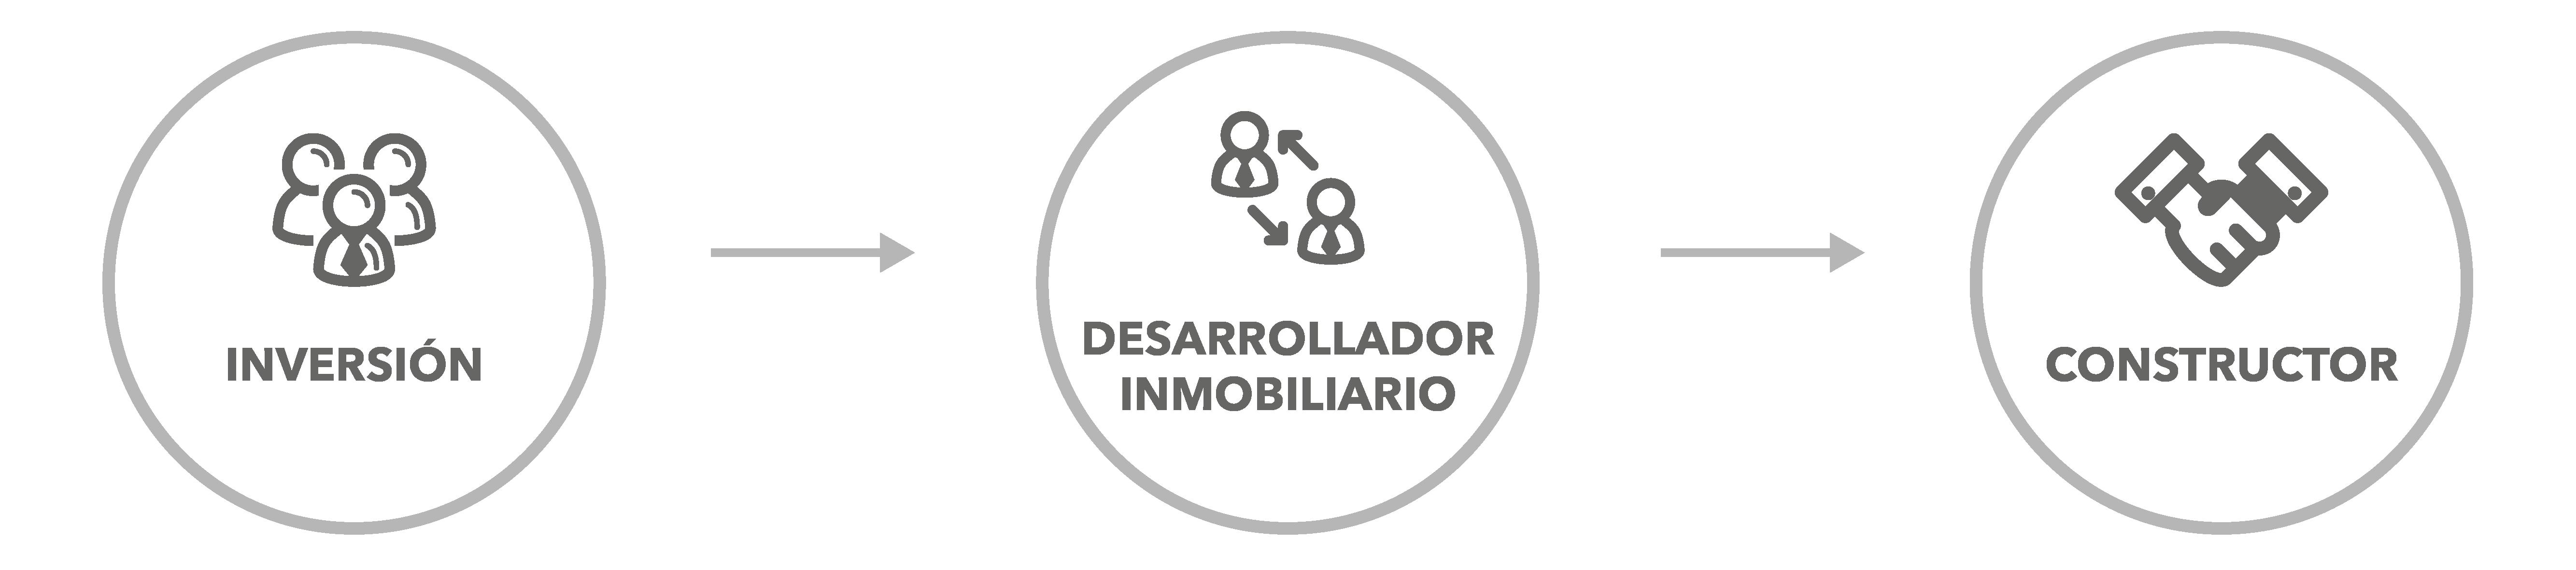 Circulos_Mesa-de-trabajo-1